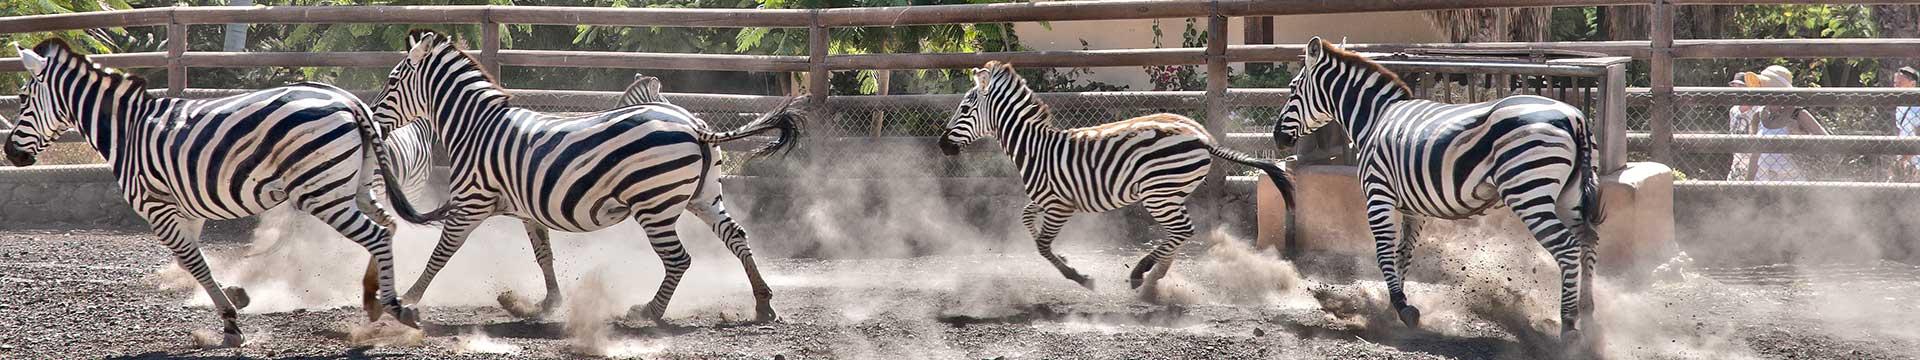 Curso de Zoológico